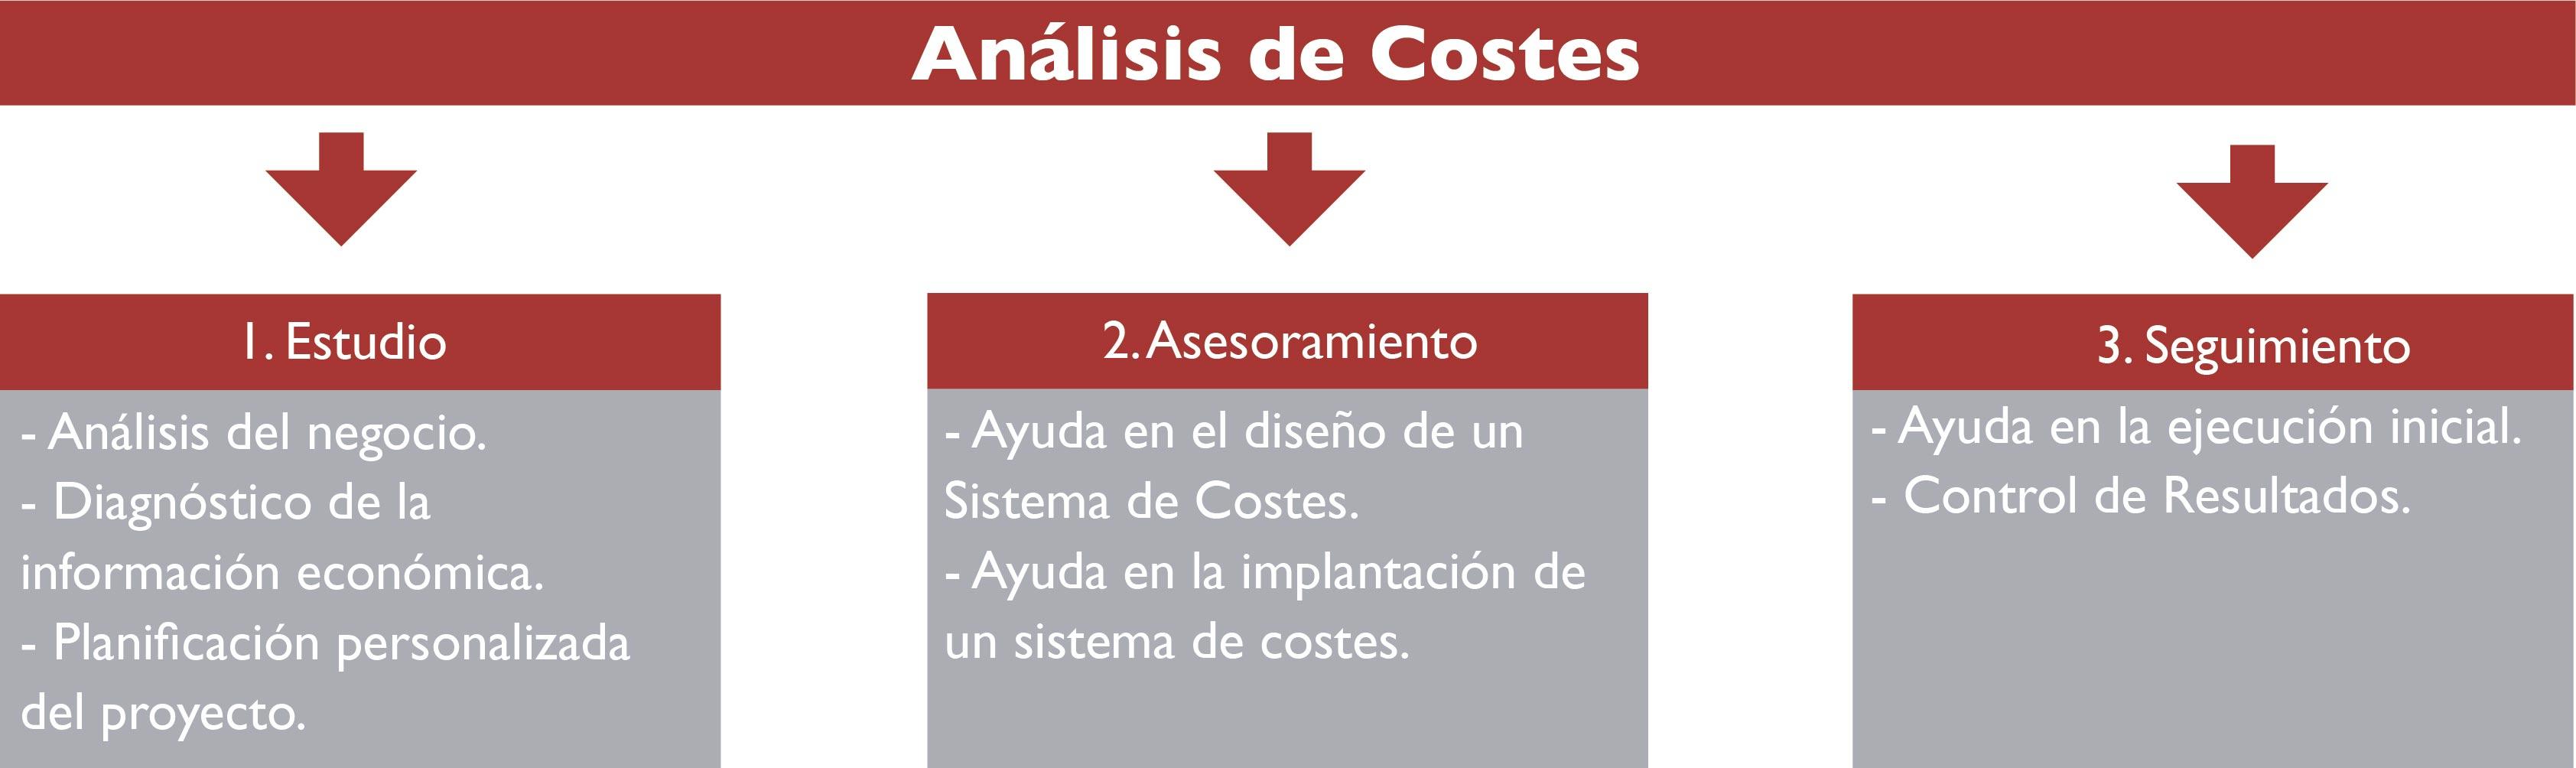 Fase 1 Análisis de Costes